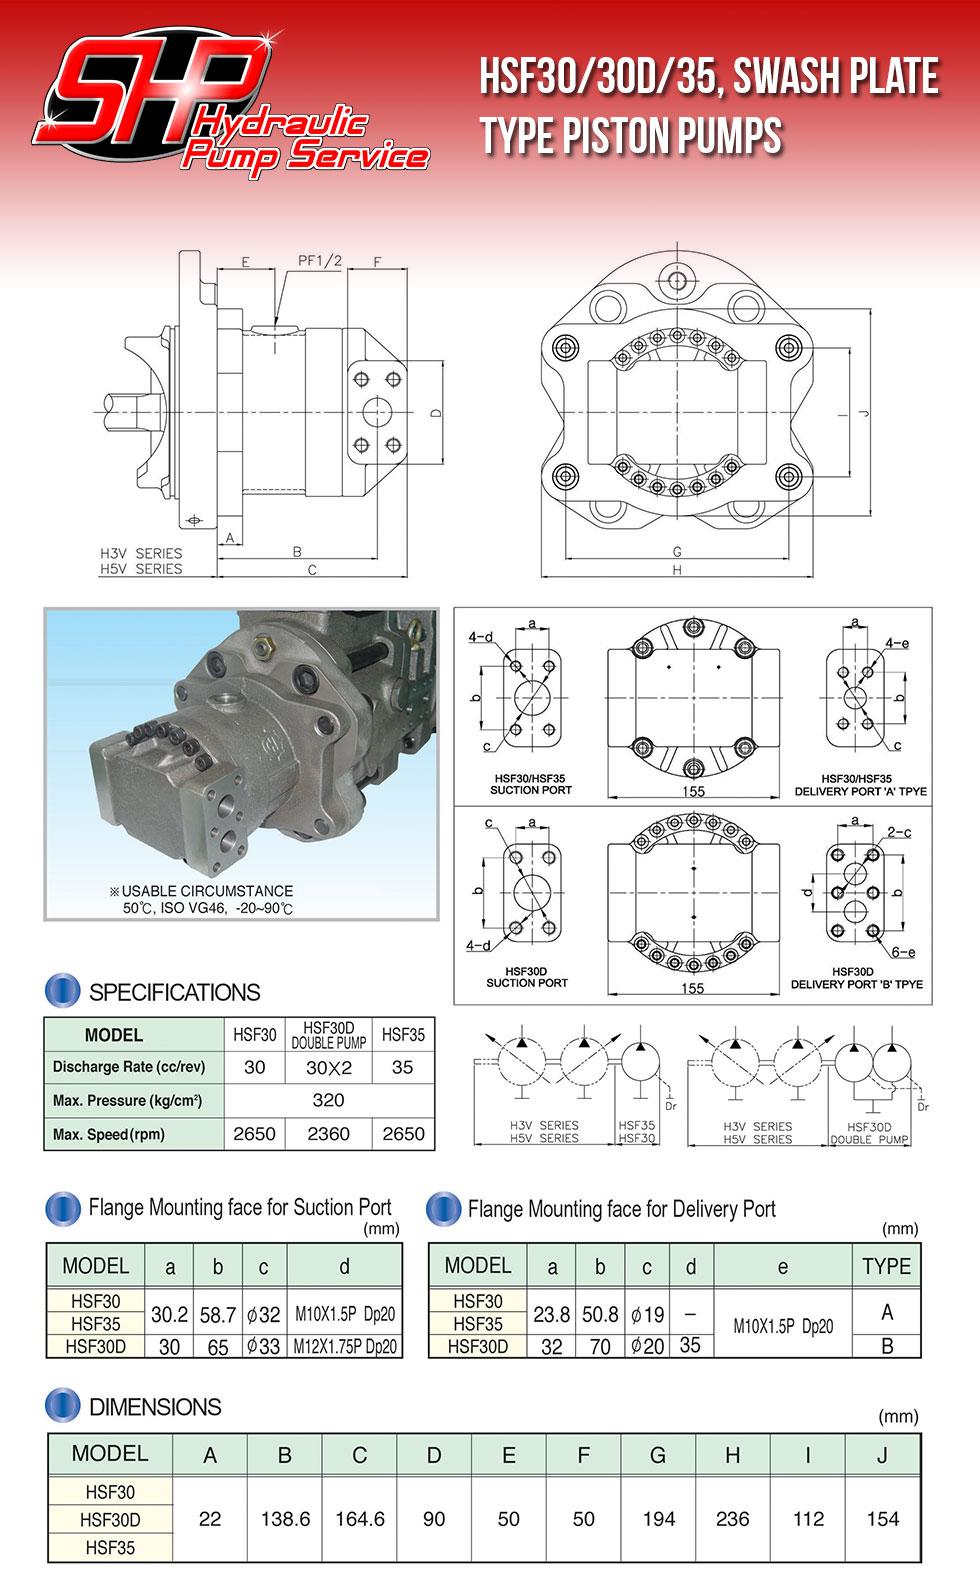 HSF30/30D/35, SWASH PLATE TYPE PISTON PUMPS